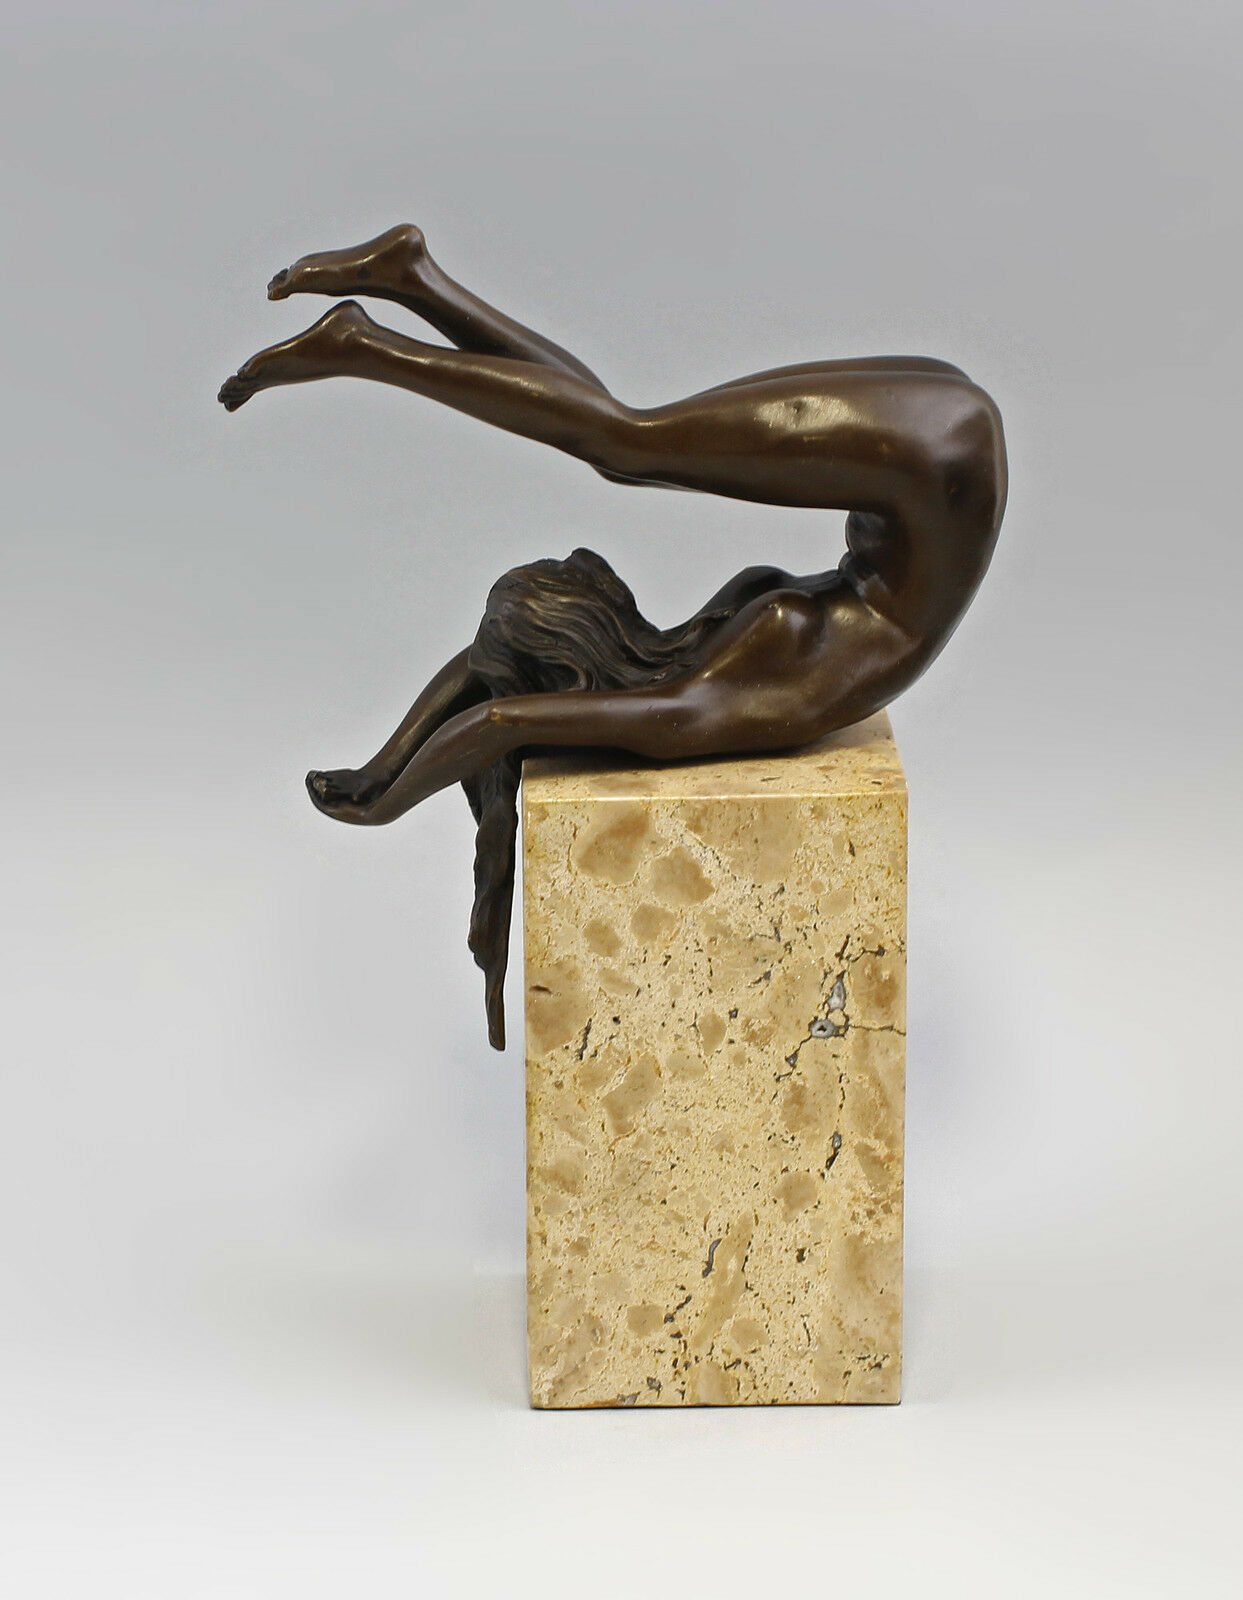 9937929 acte bronze sculpture personnage nue gymnaste acte 9937929 érotique 27x10x19cm 0f2362